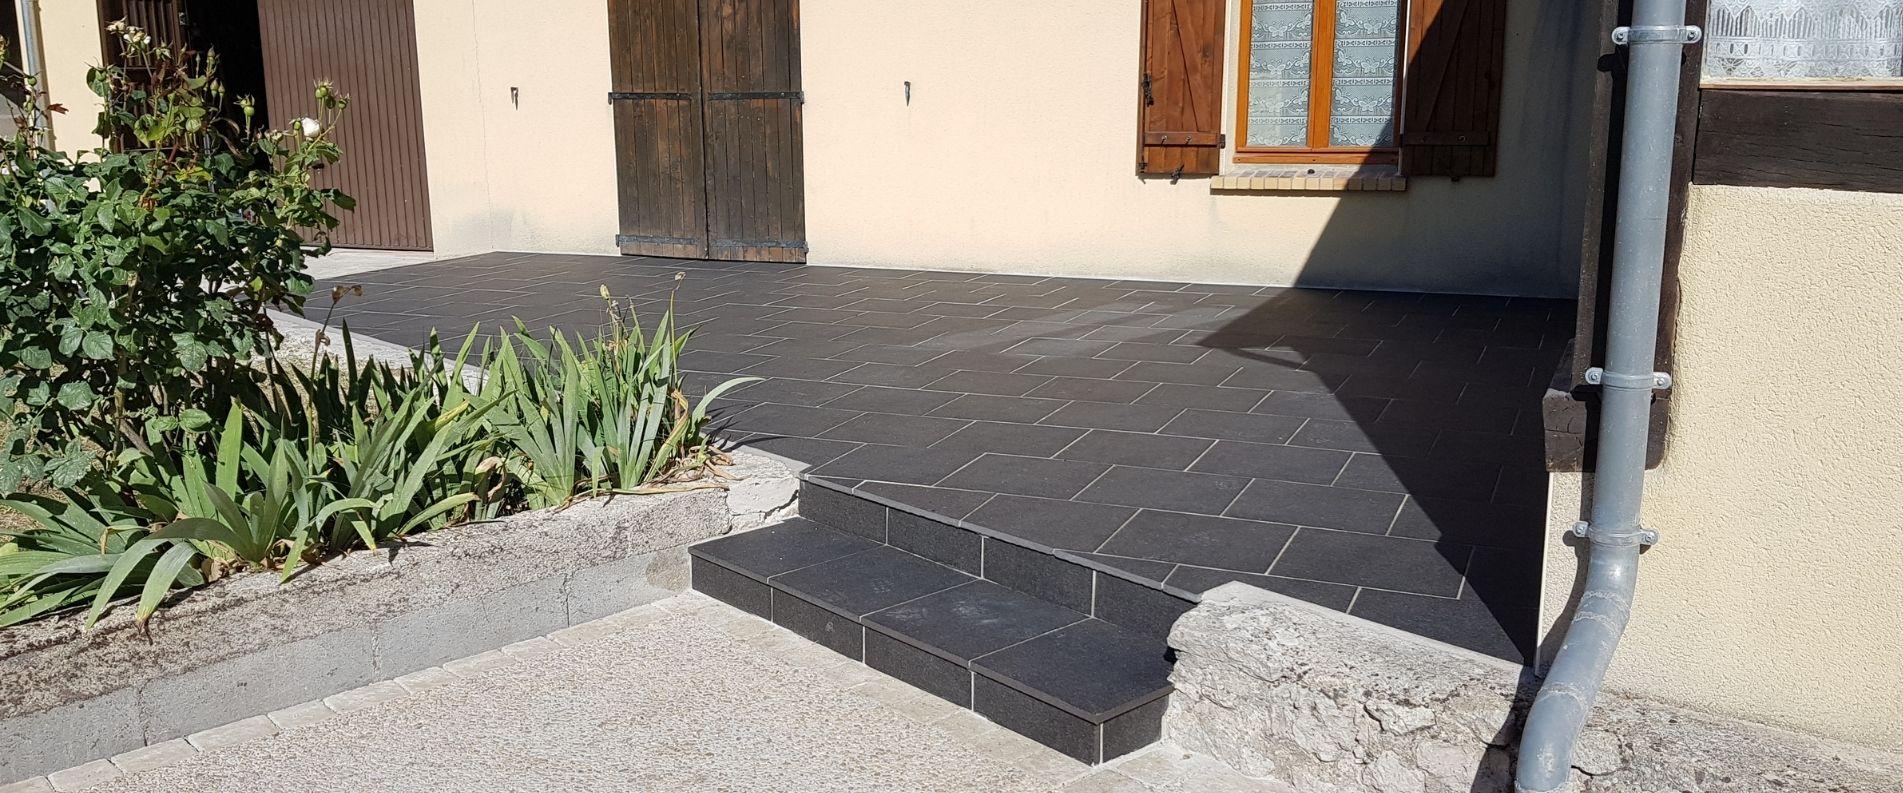 Création d'une terrasse en grès céramique